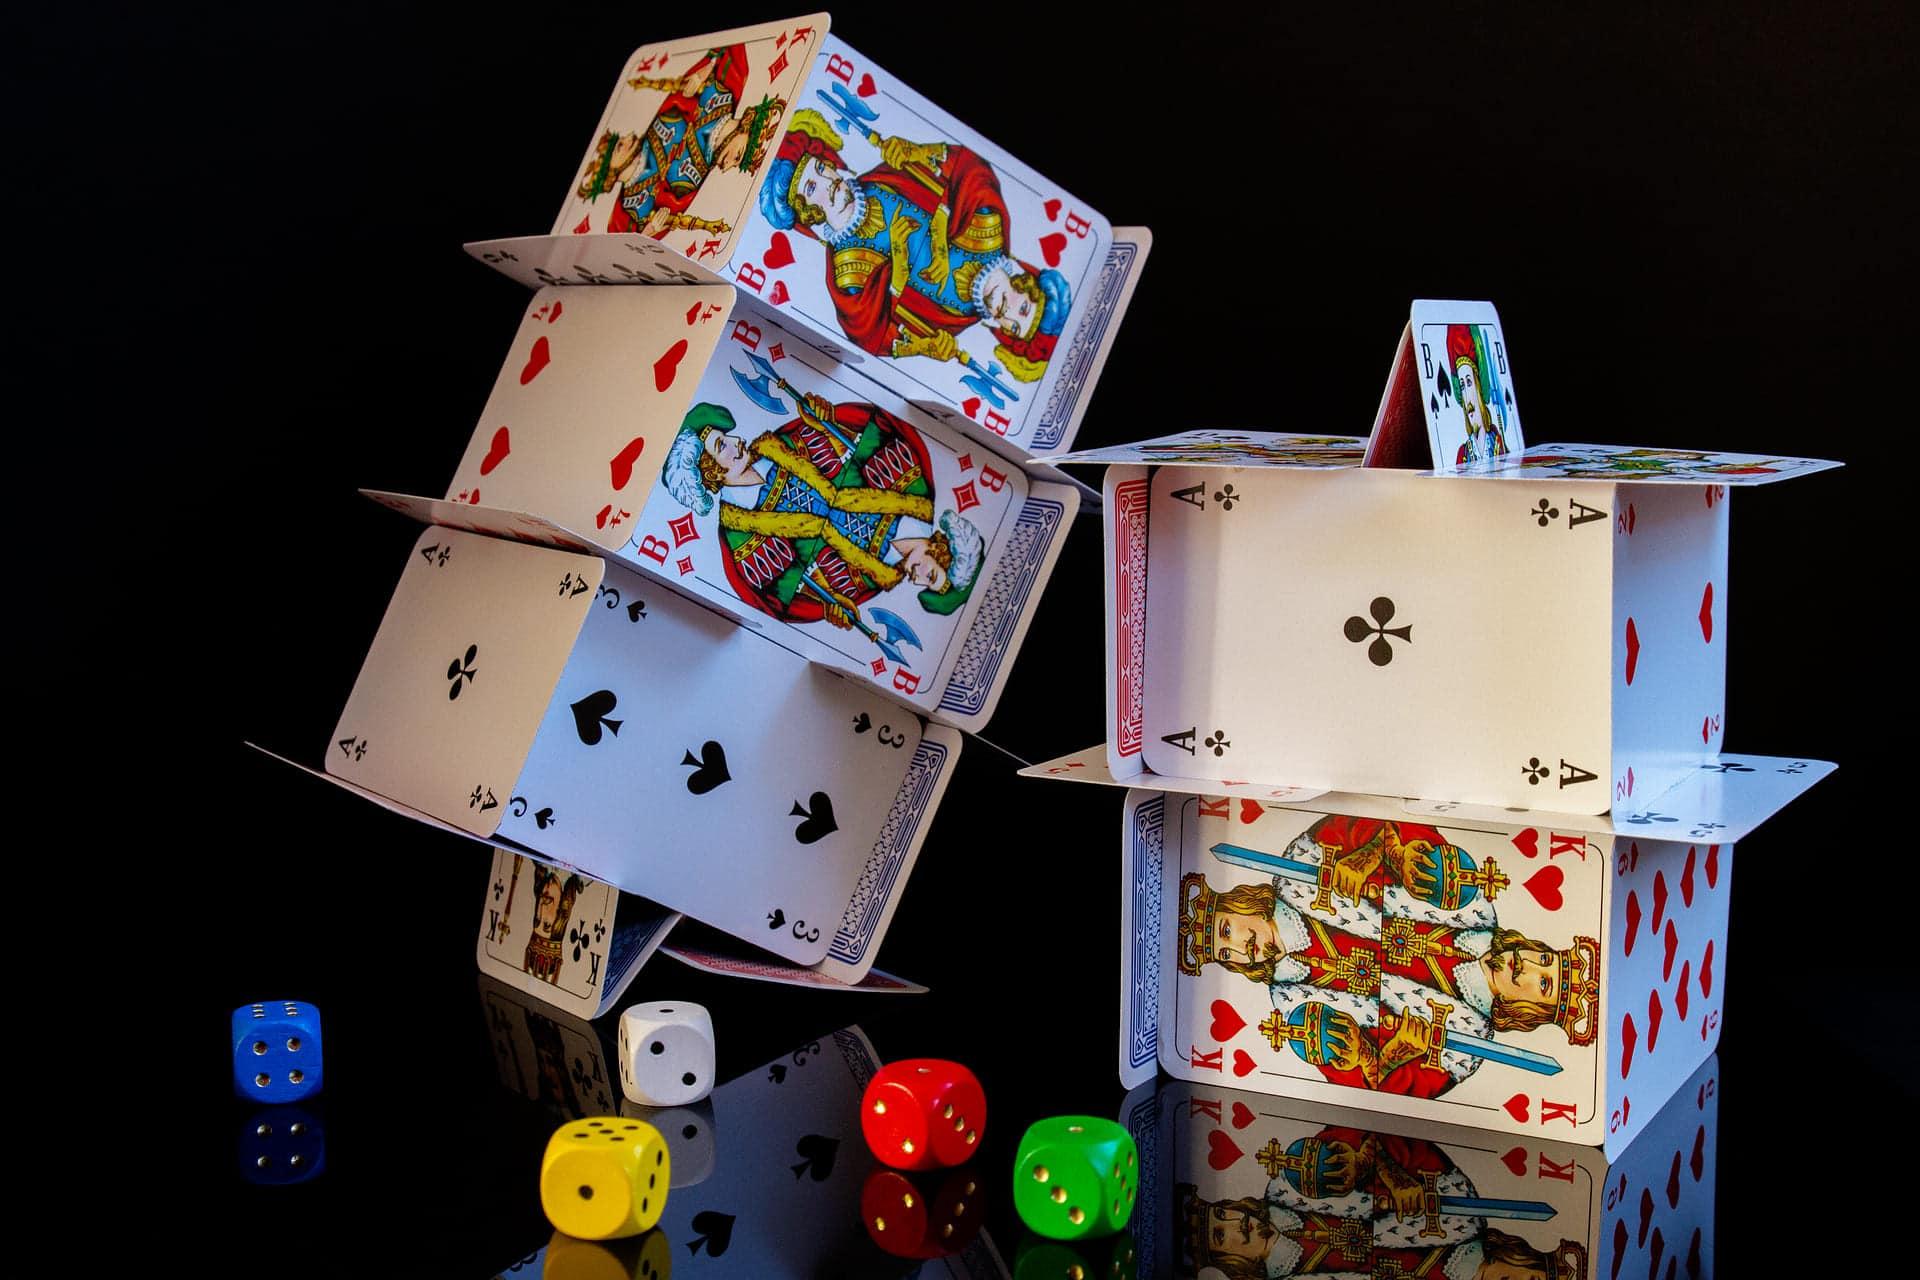 Pokerkarten: Test & Empfehlungen (09/20)